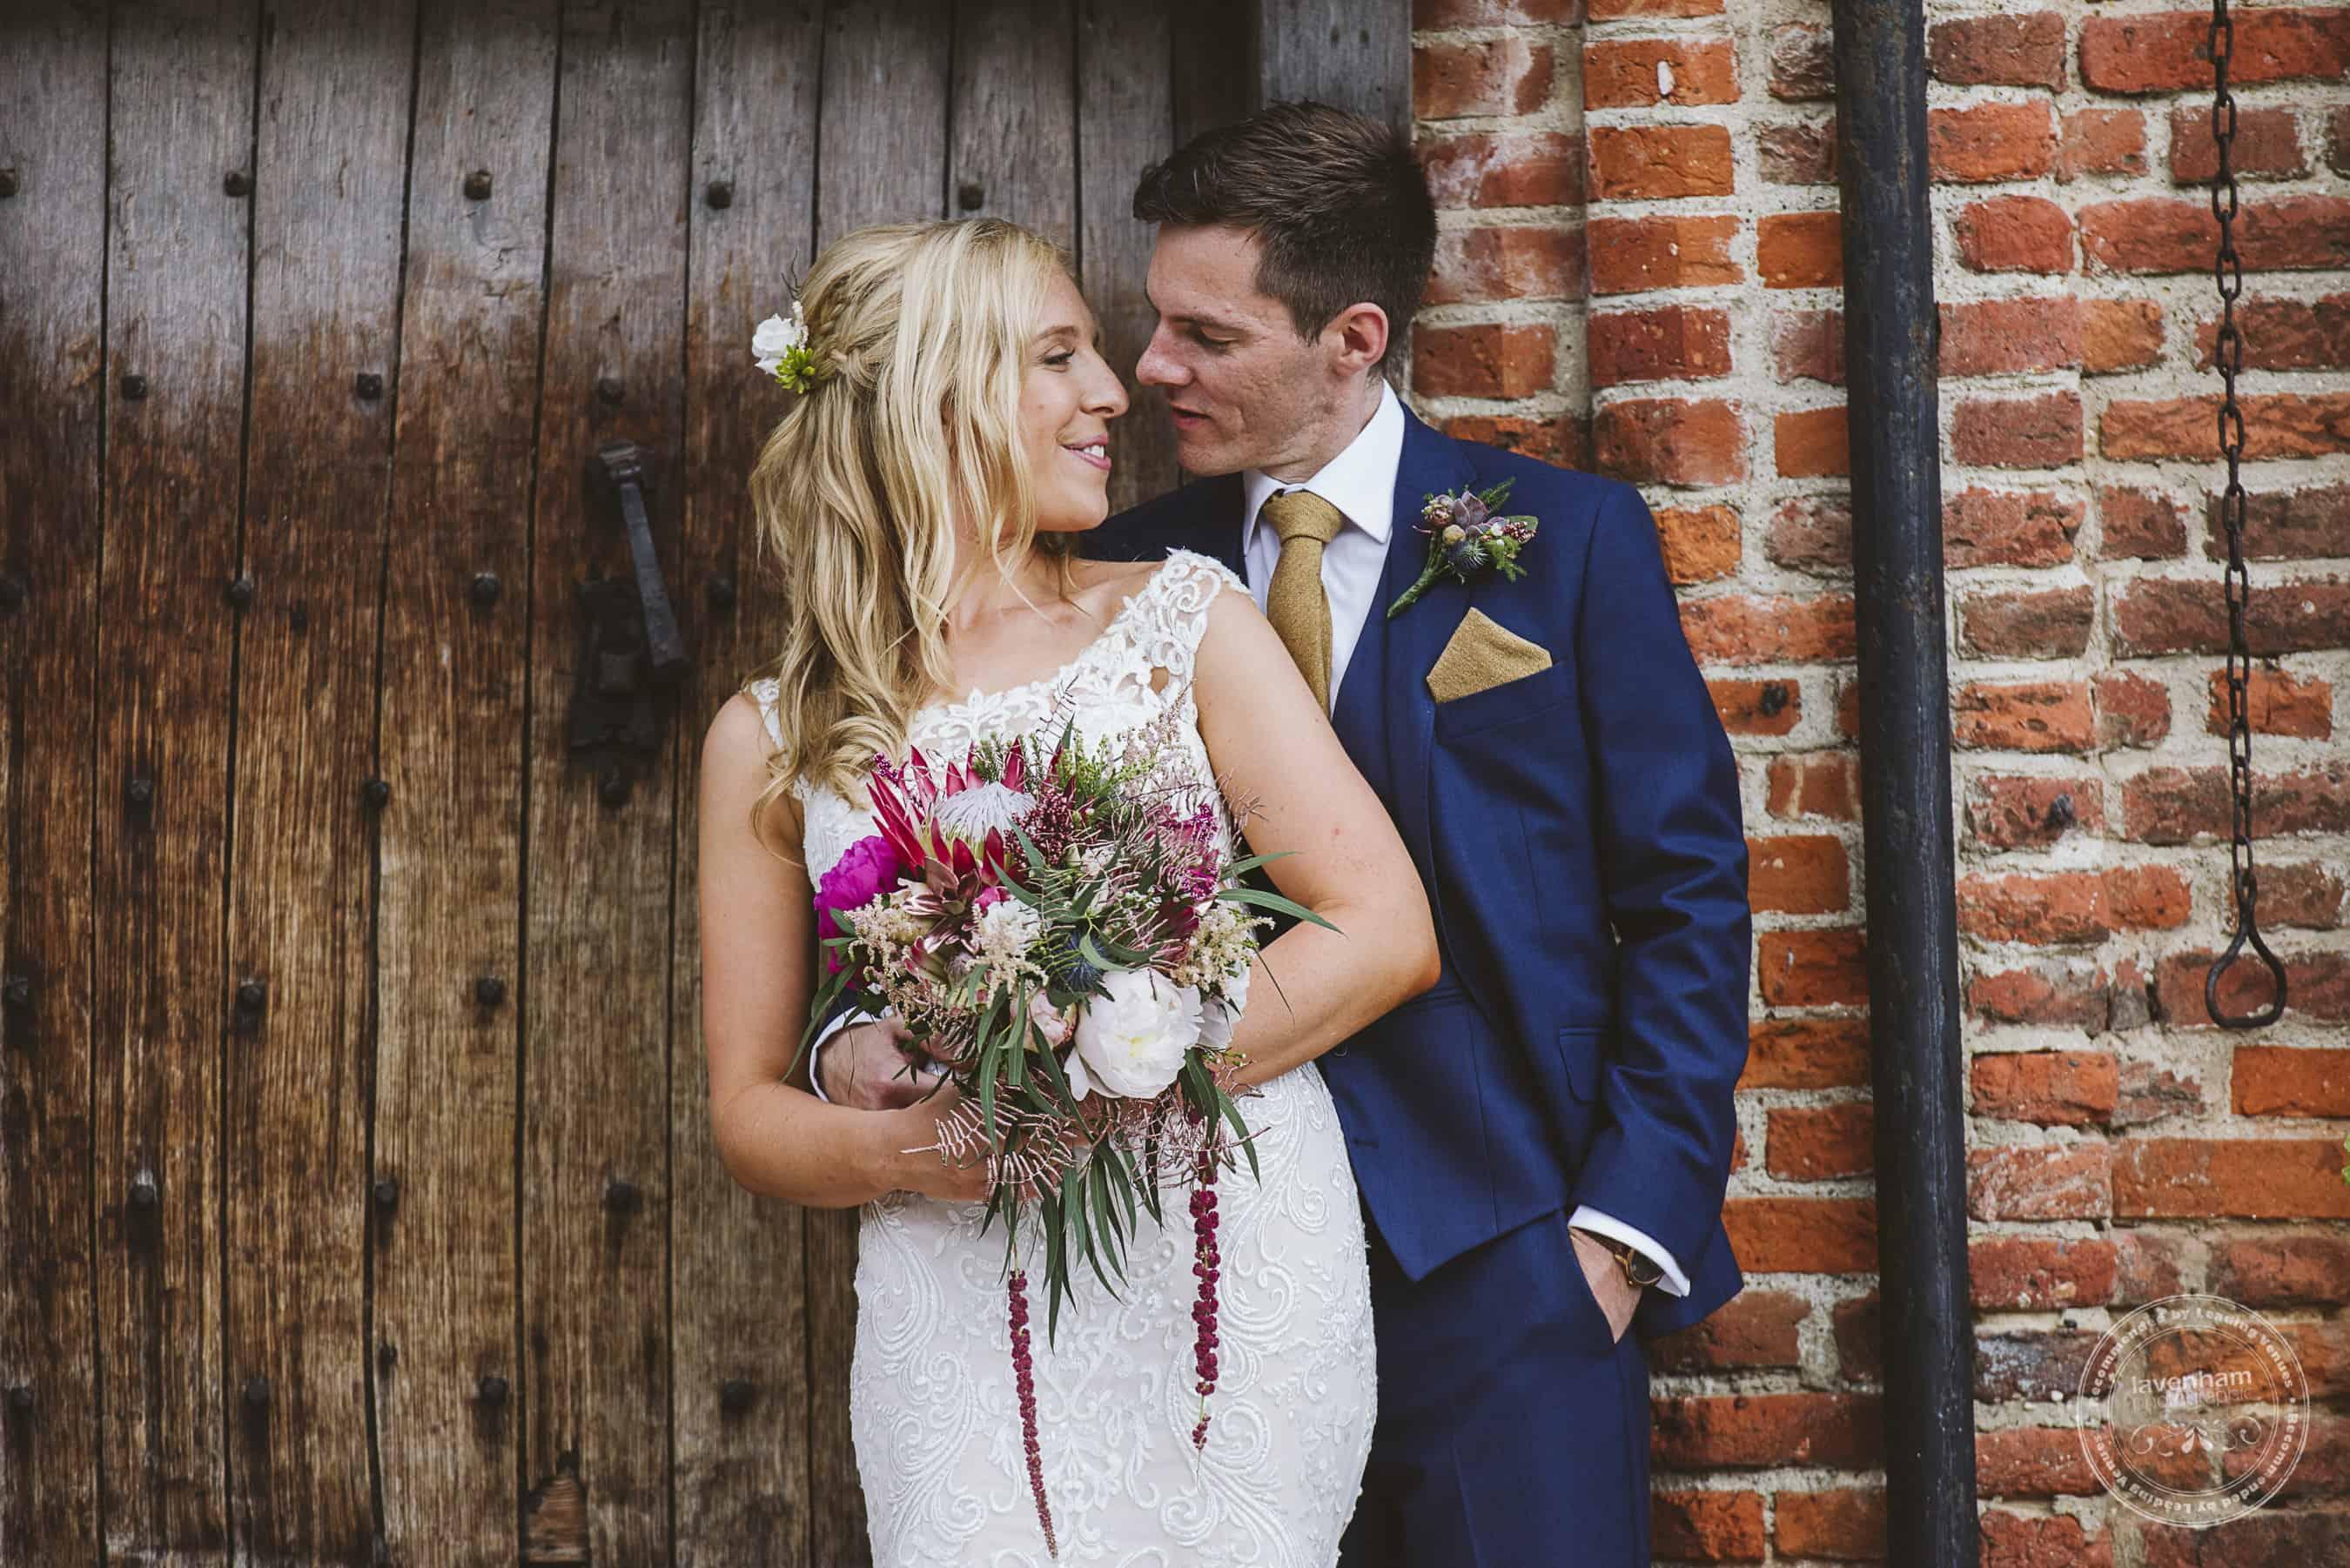 020618 Leez Priory Wedding Photography Lavenham Photographic 119